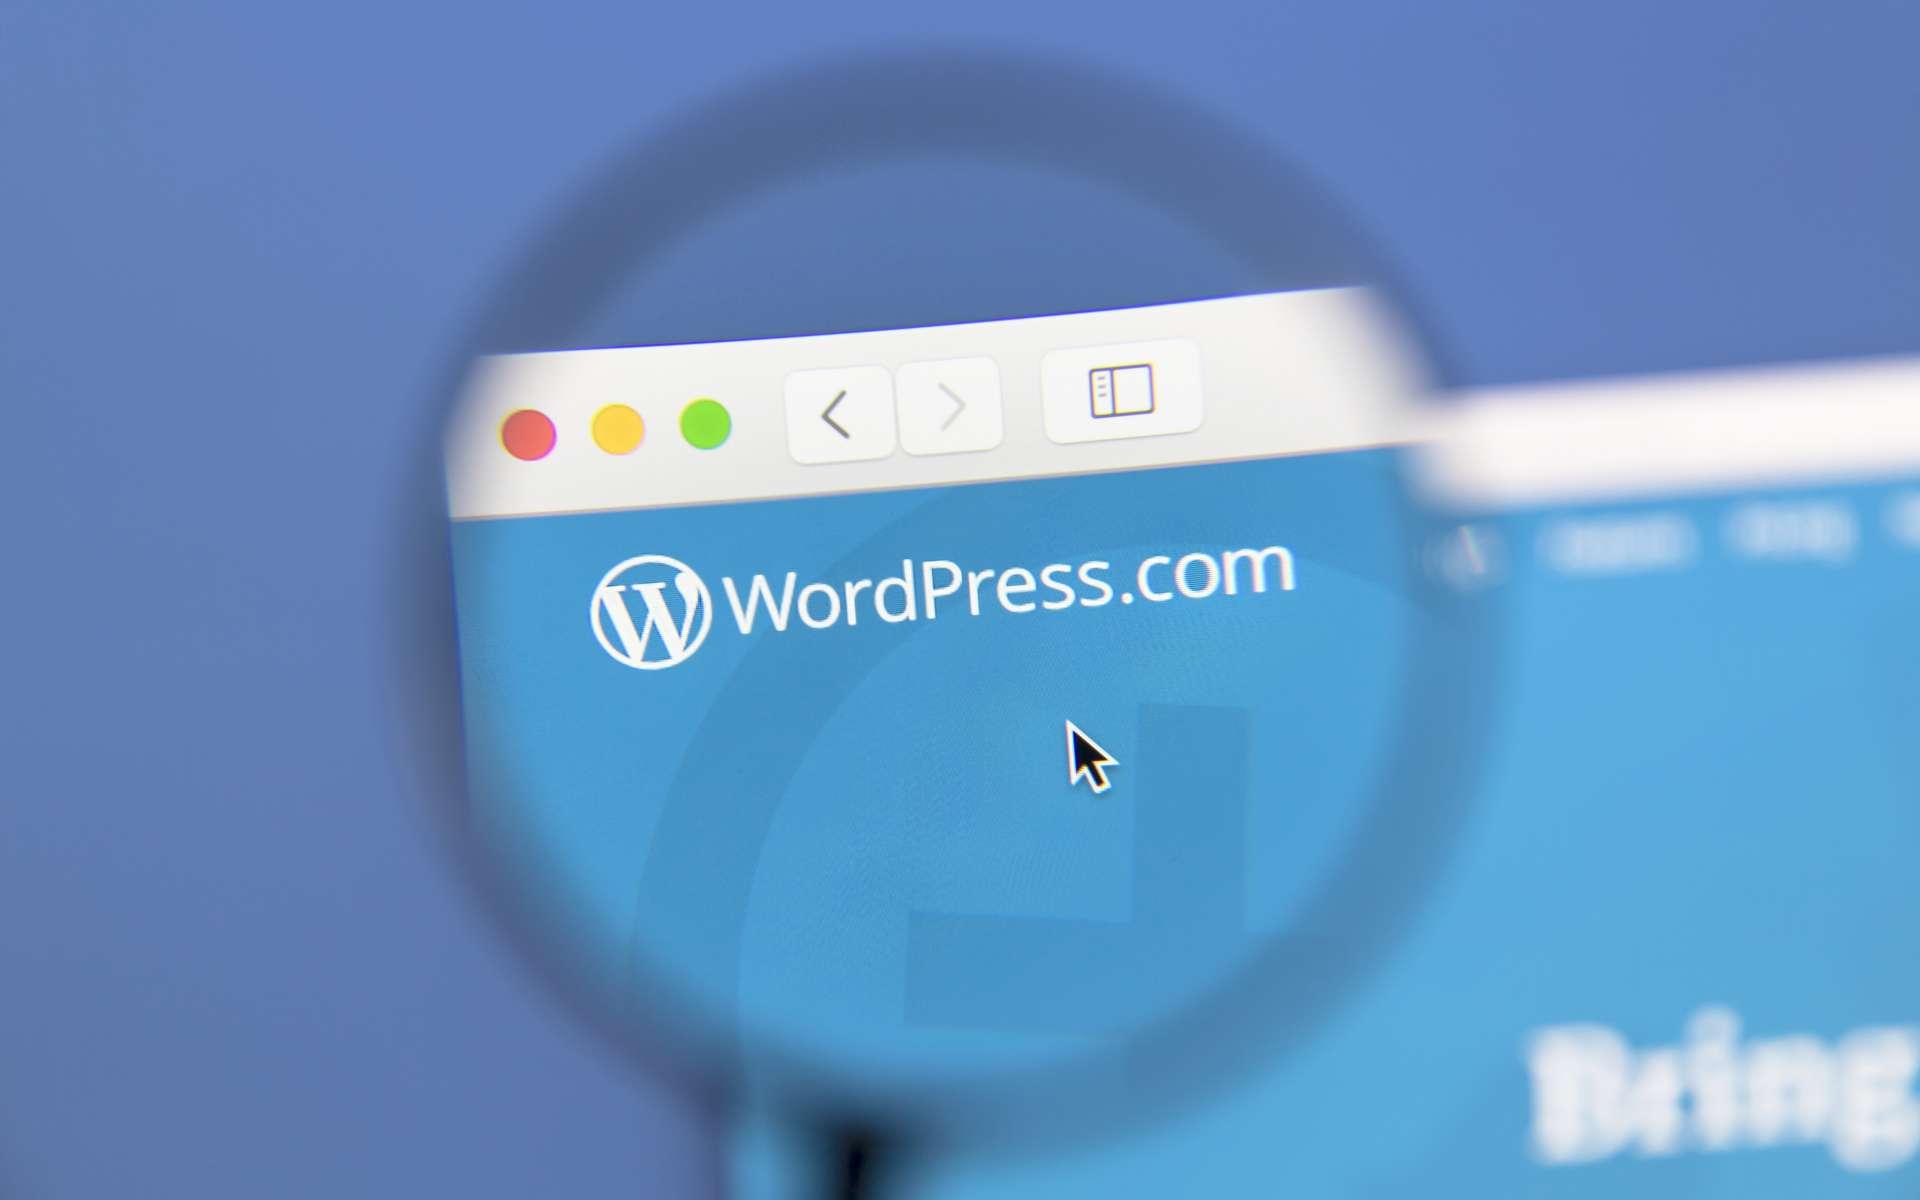 Formation WordPress : jusqu'à -89% de réduction en bon plan avec Udemy